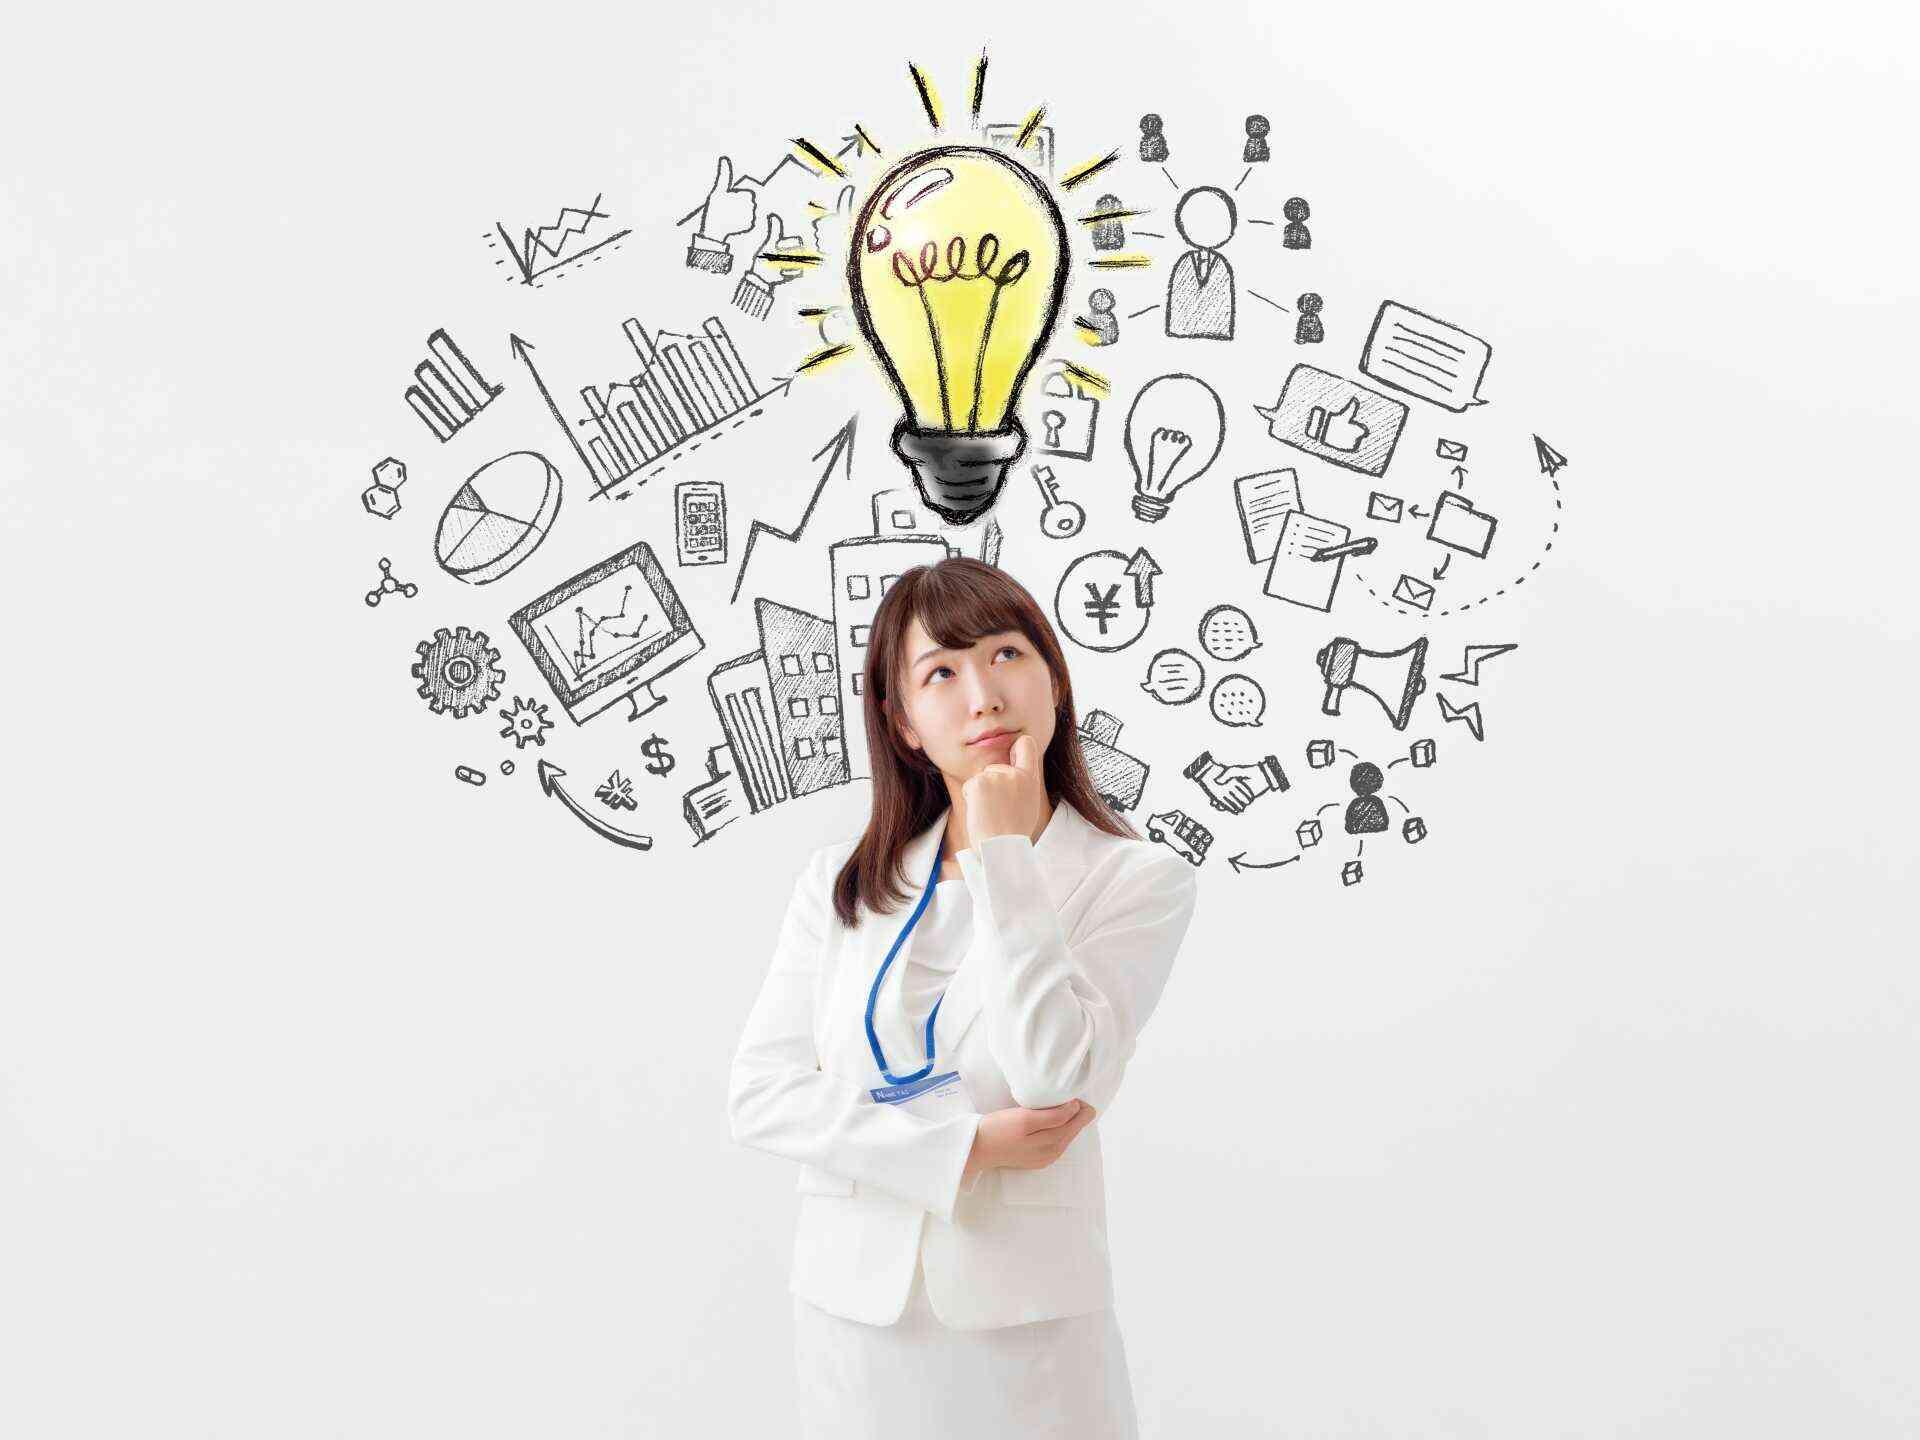 業種の知識を就活に活かすための方法